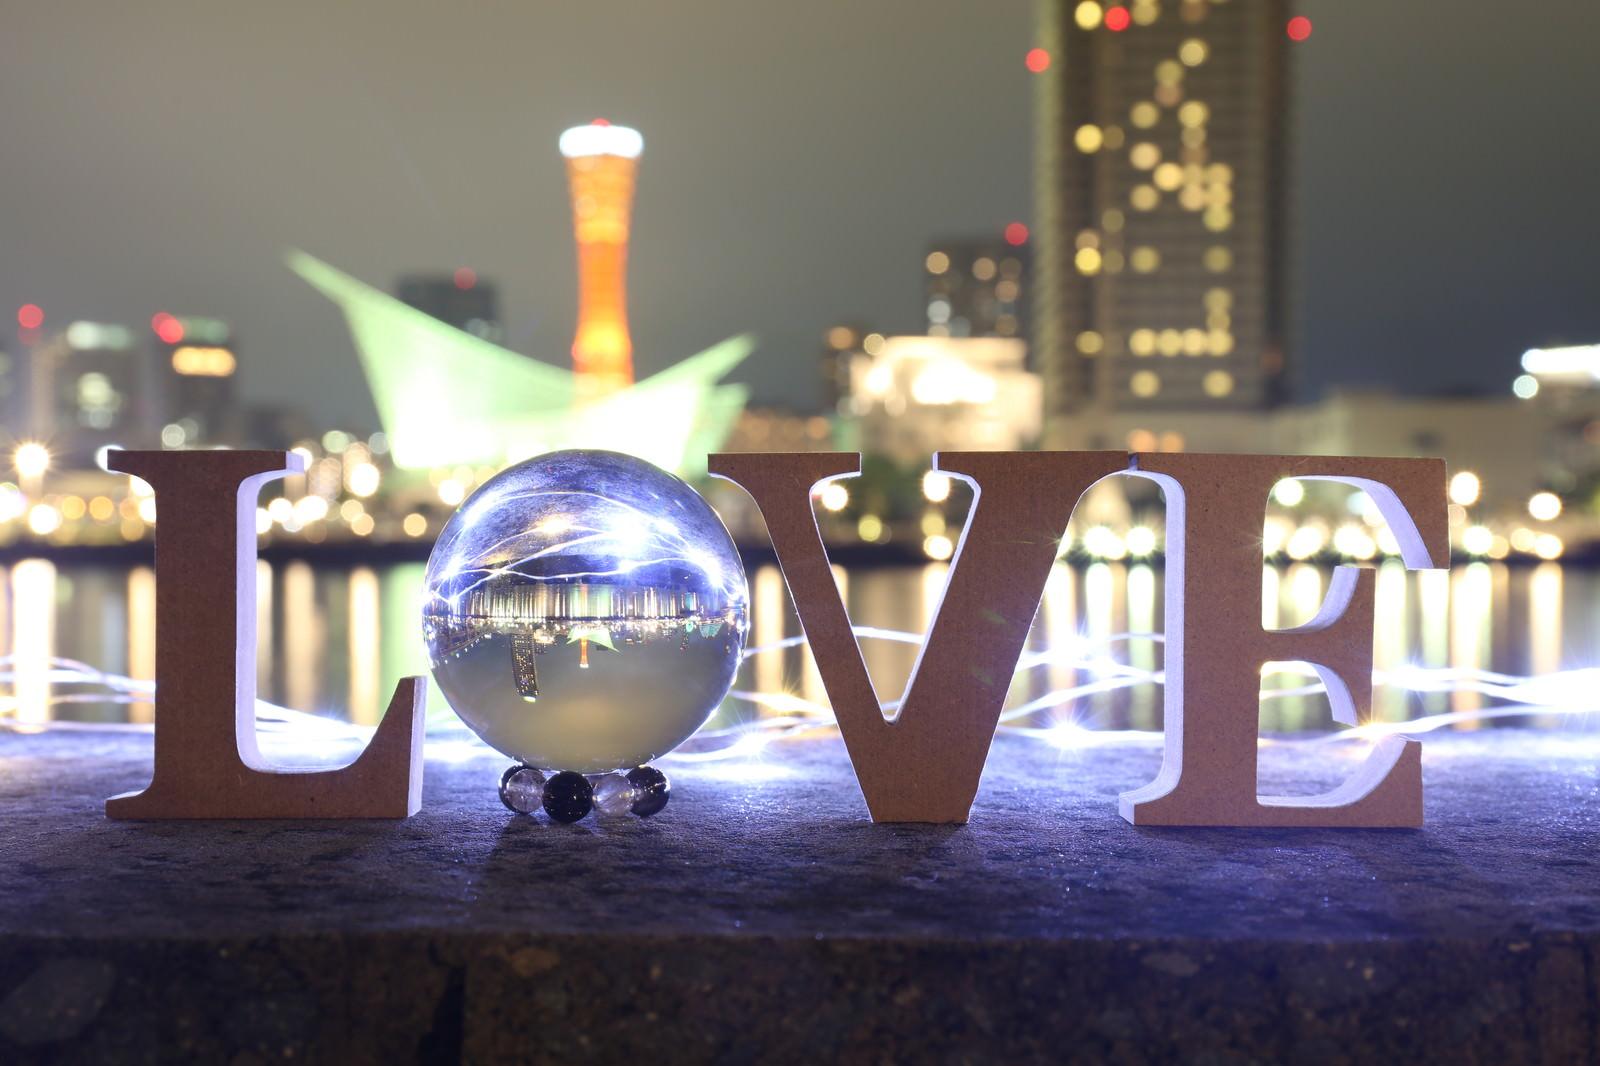 「ライトアップした街並みとLOVEの水晶玉ライトアップした街並みとLOVEの水晶玉」のフリー写真素材を拡大